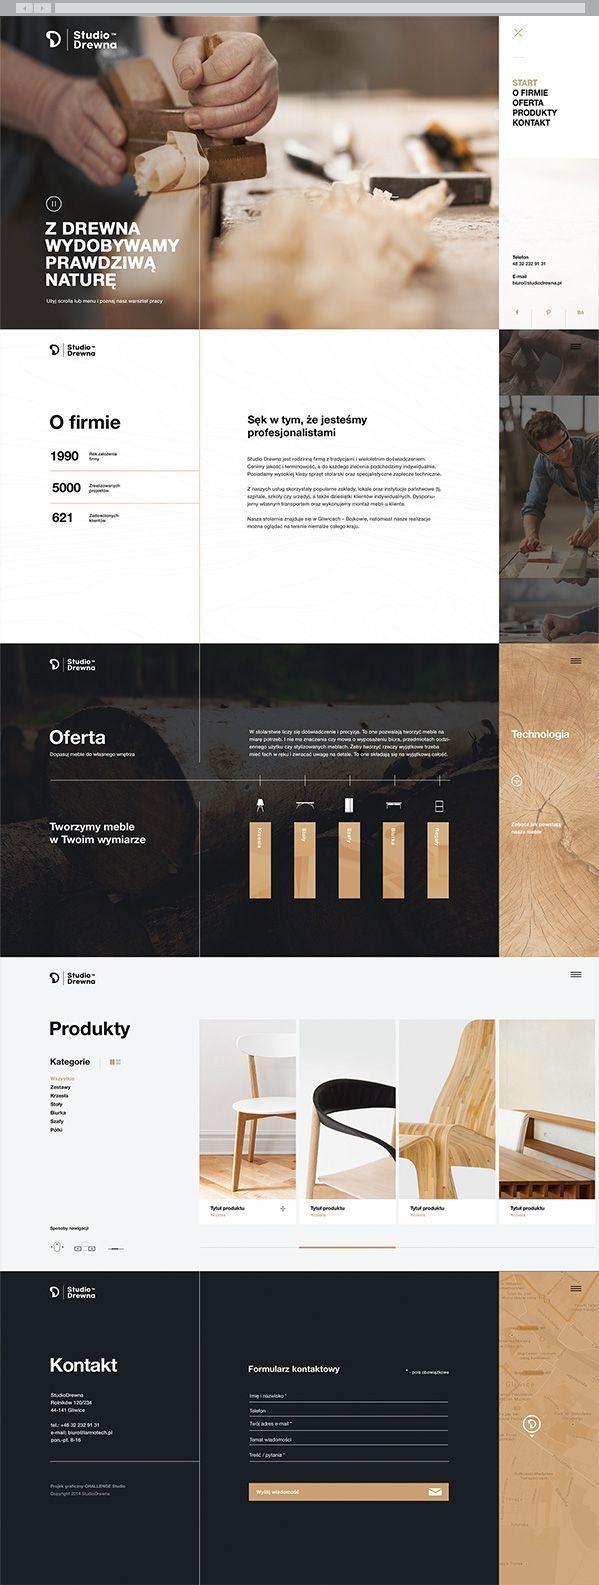 Web Design Company In Tempe